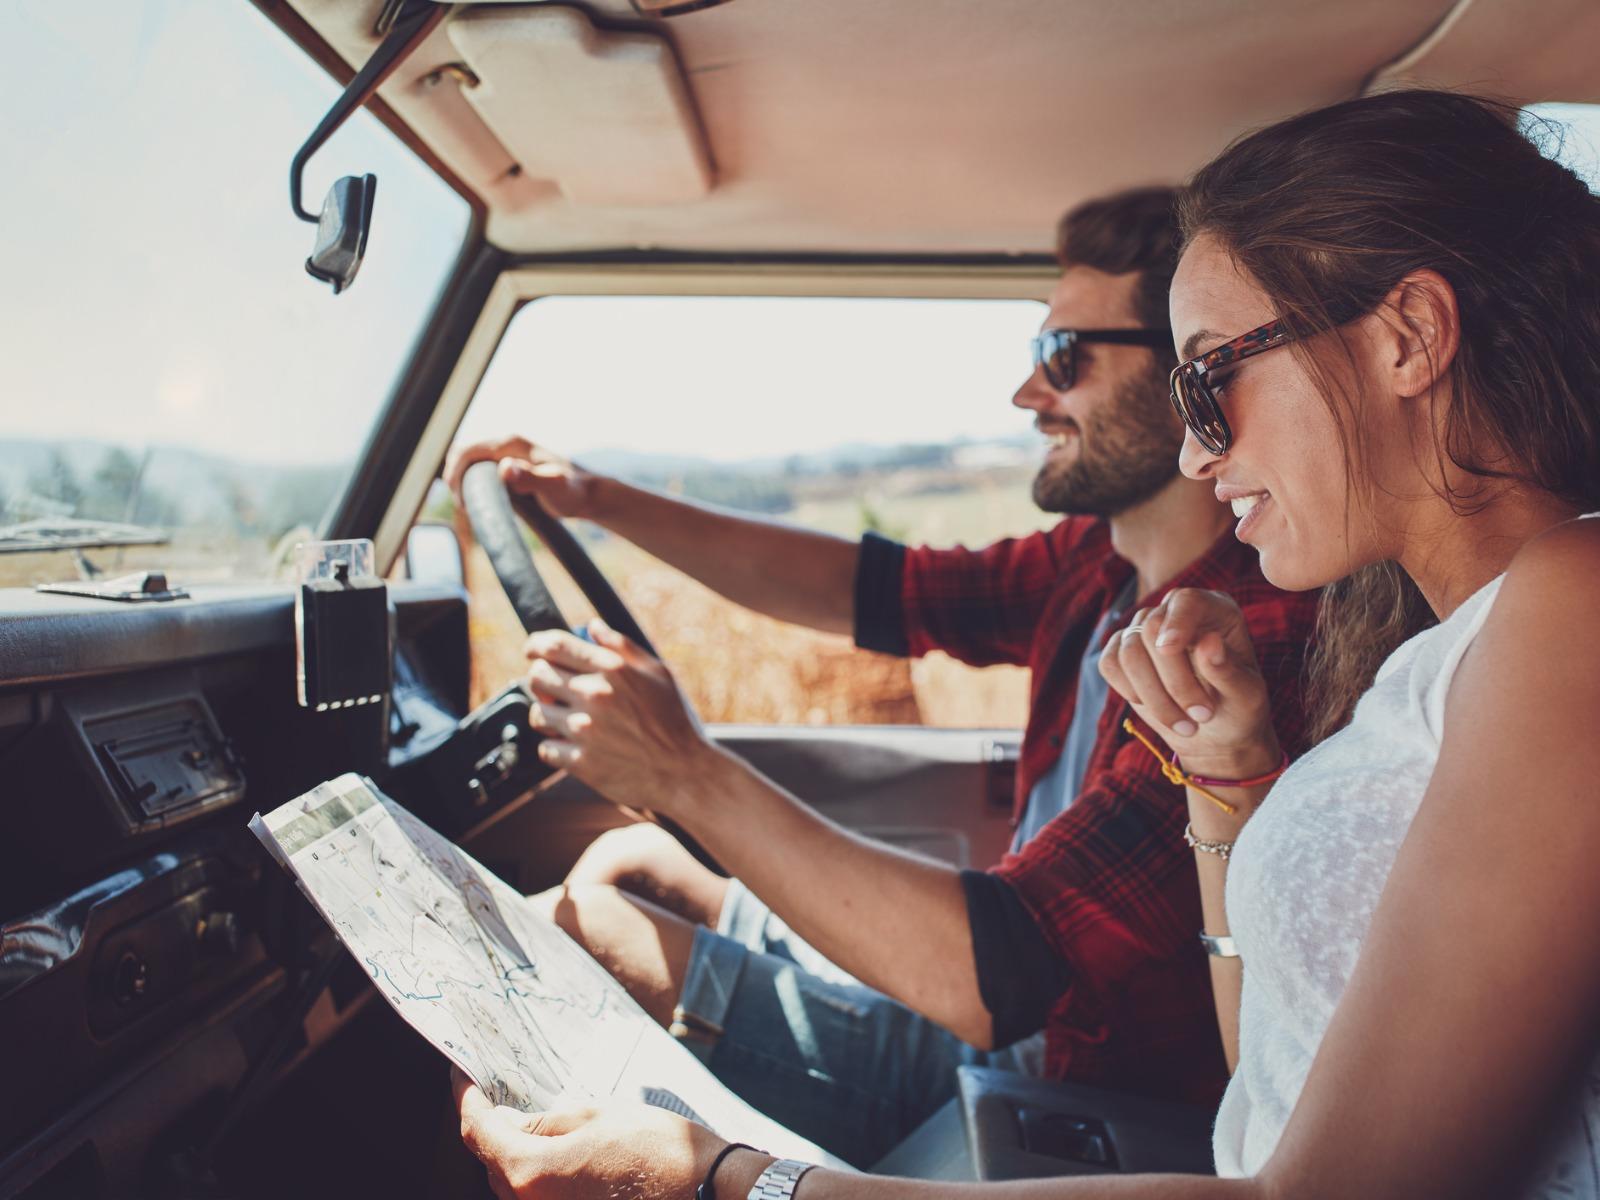 パラオ旅行におすすめのレンタカー会社5選|予約方法や注意事項、交通ルールも